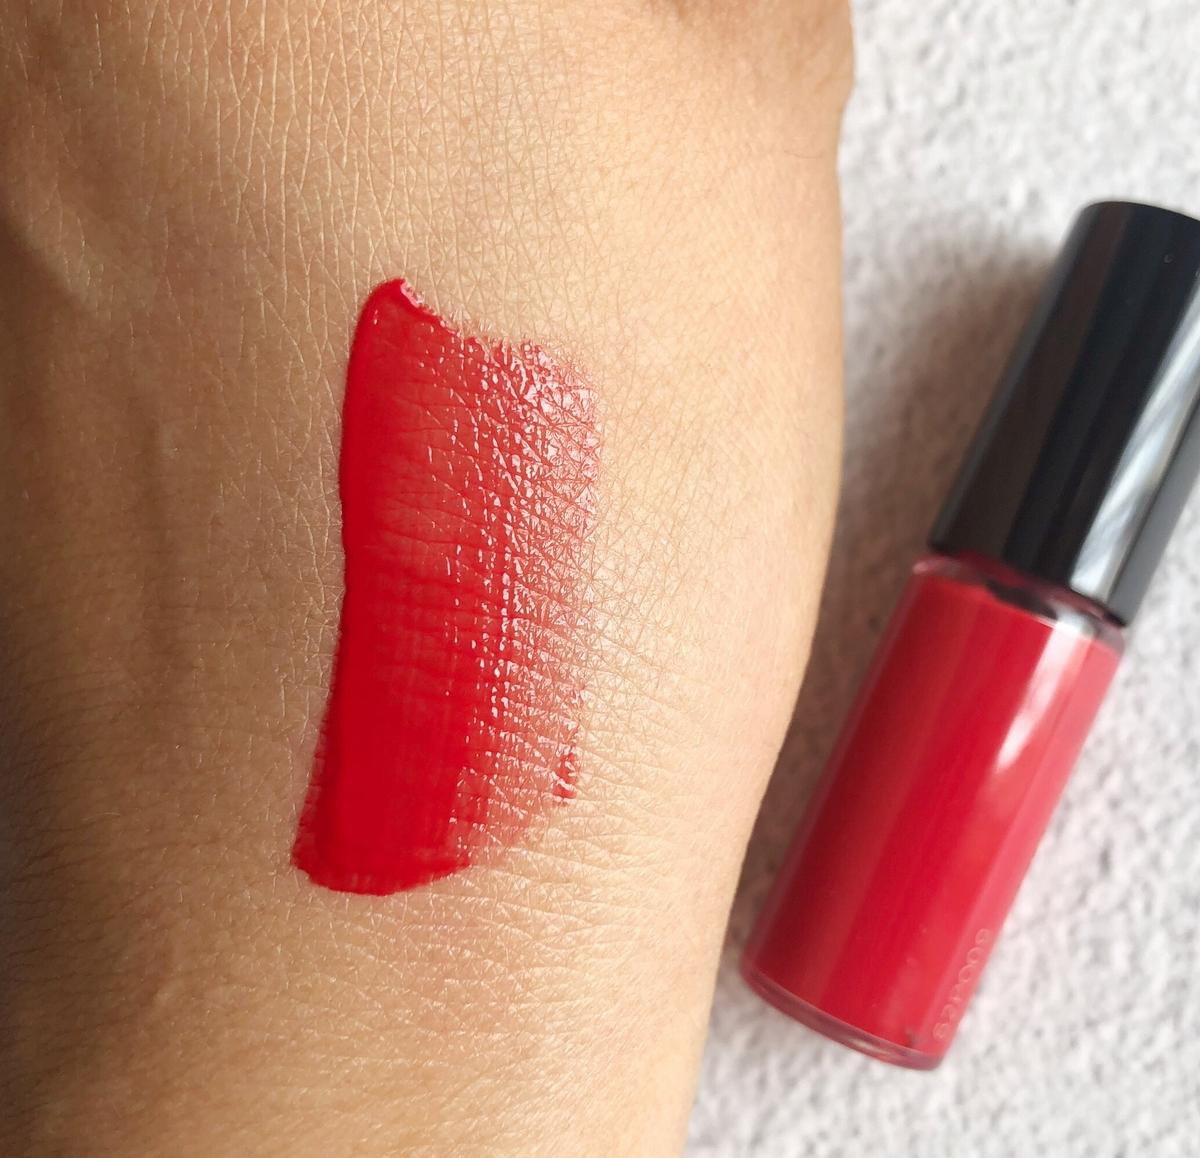 秀智最喜歡的#134絕對完美水唇釉,就裝在「微笑唇彩禮盒」裡,現在就要送給妳